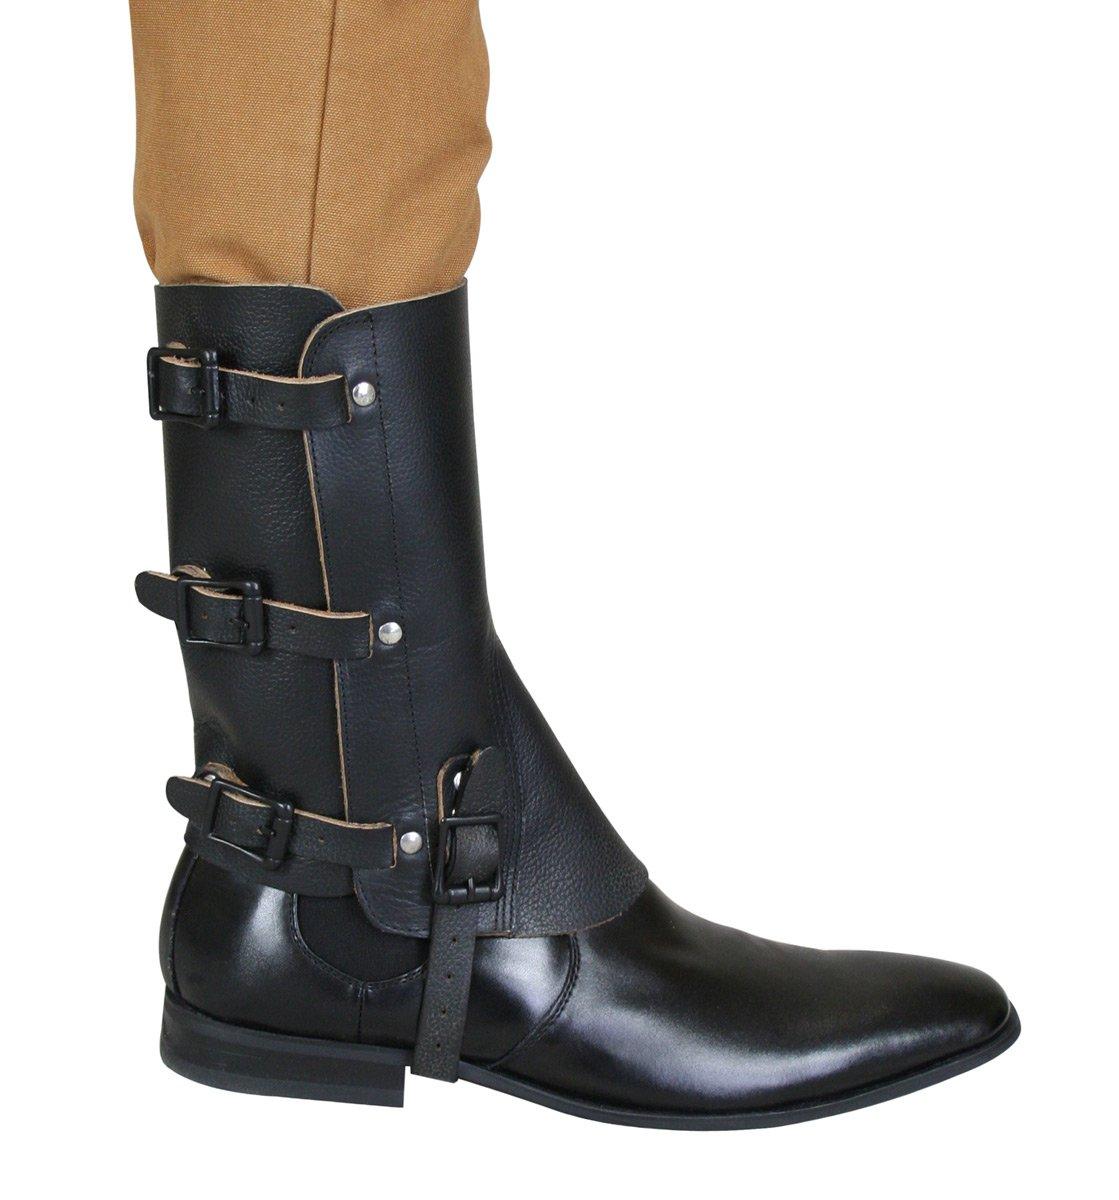 Historical Emporium Men's Deluxe Leather Military Gaiters Black